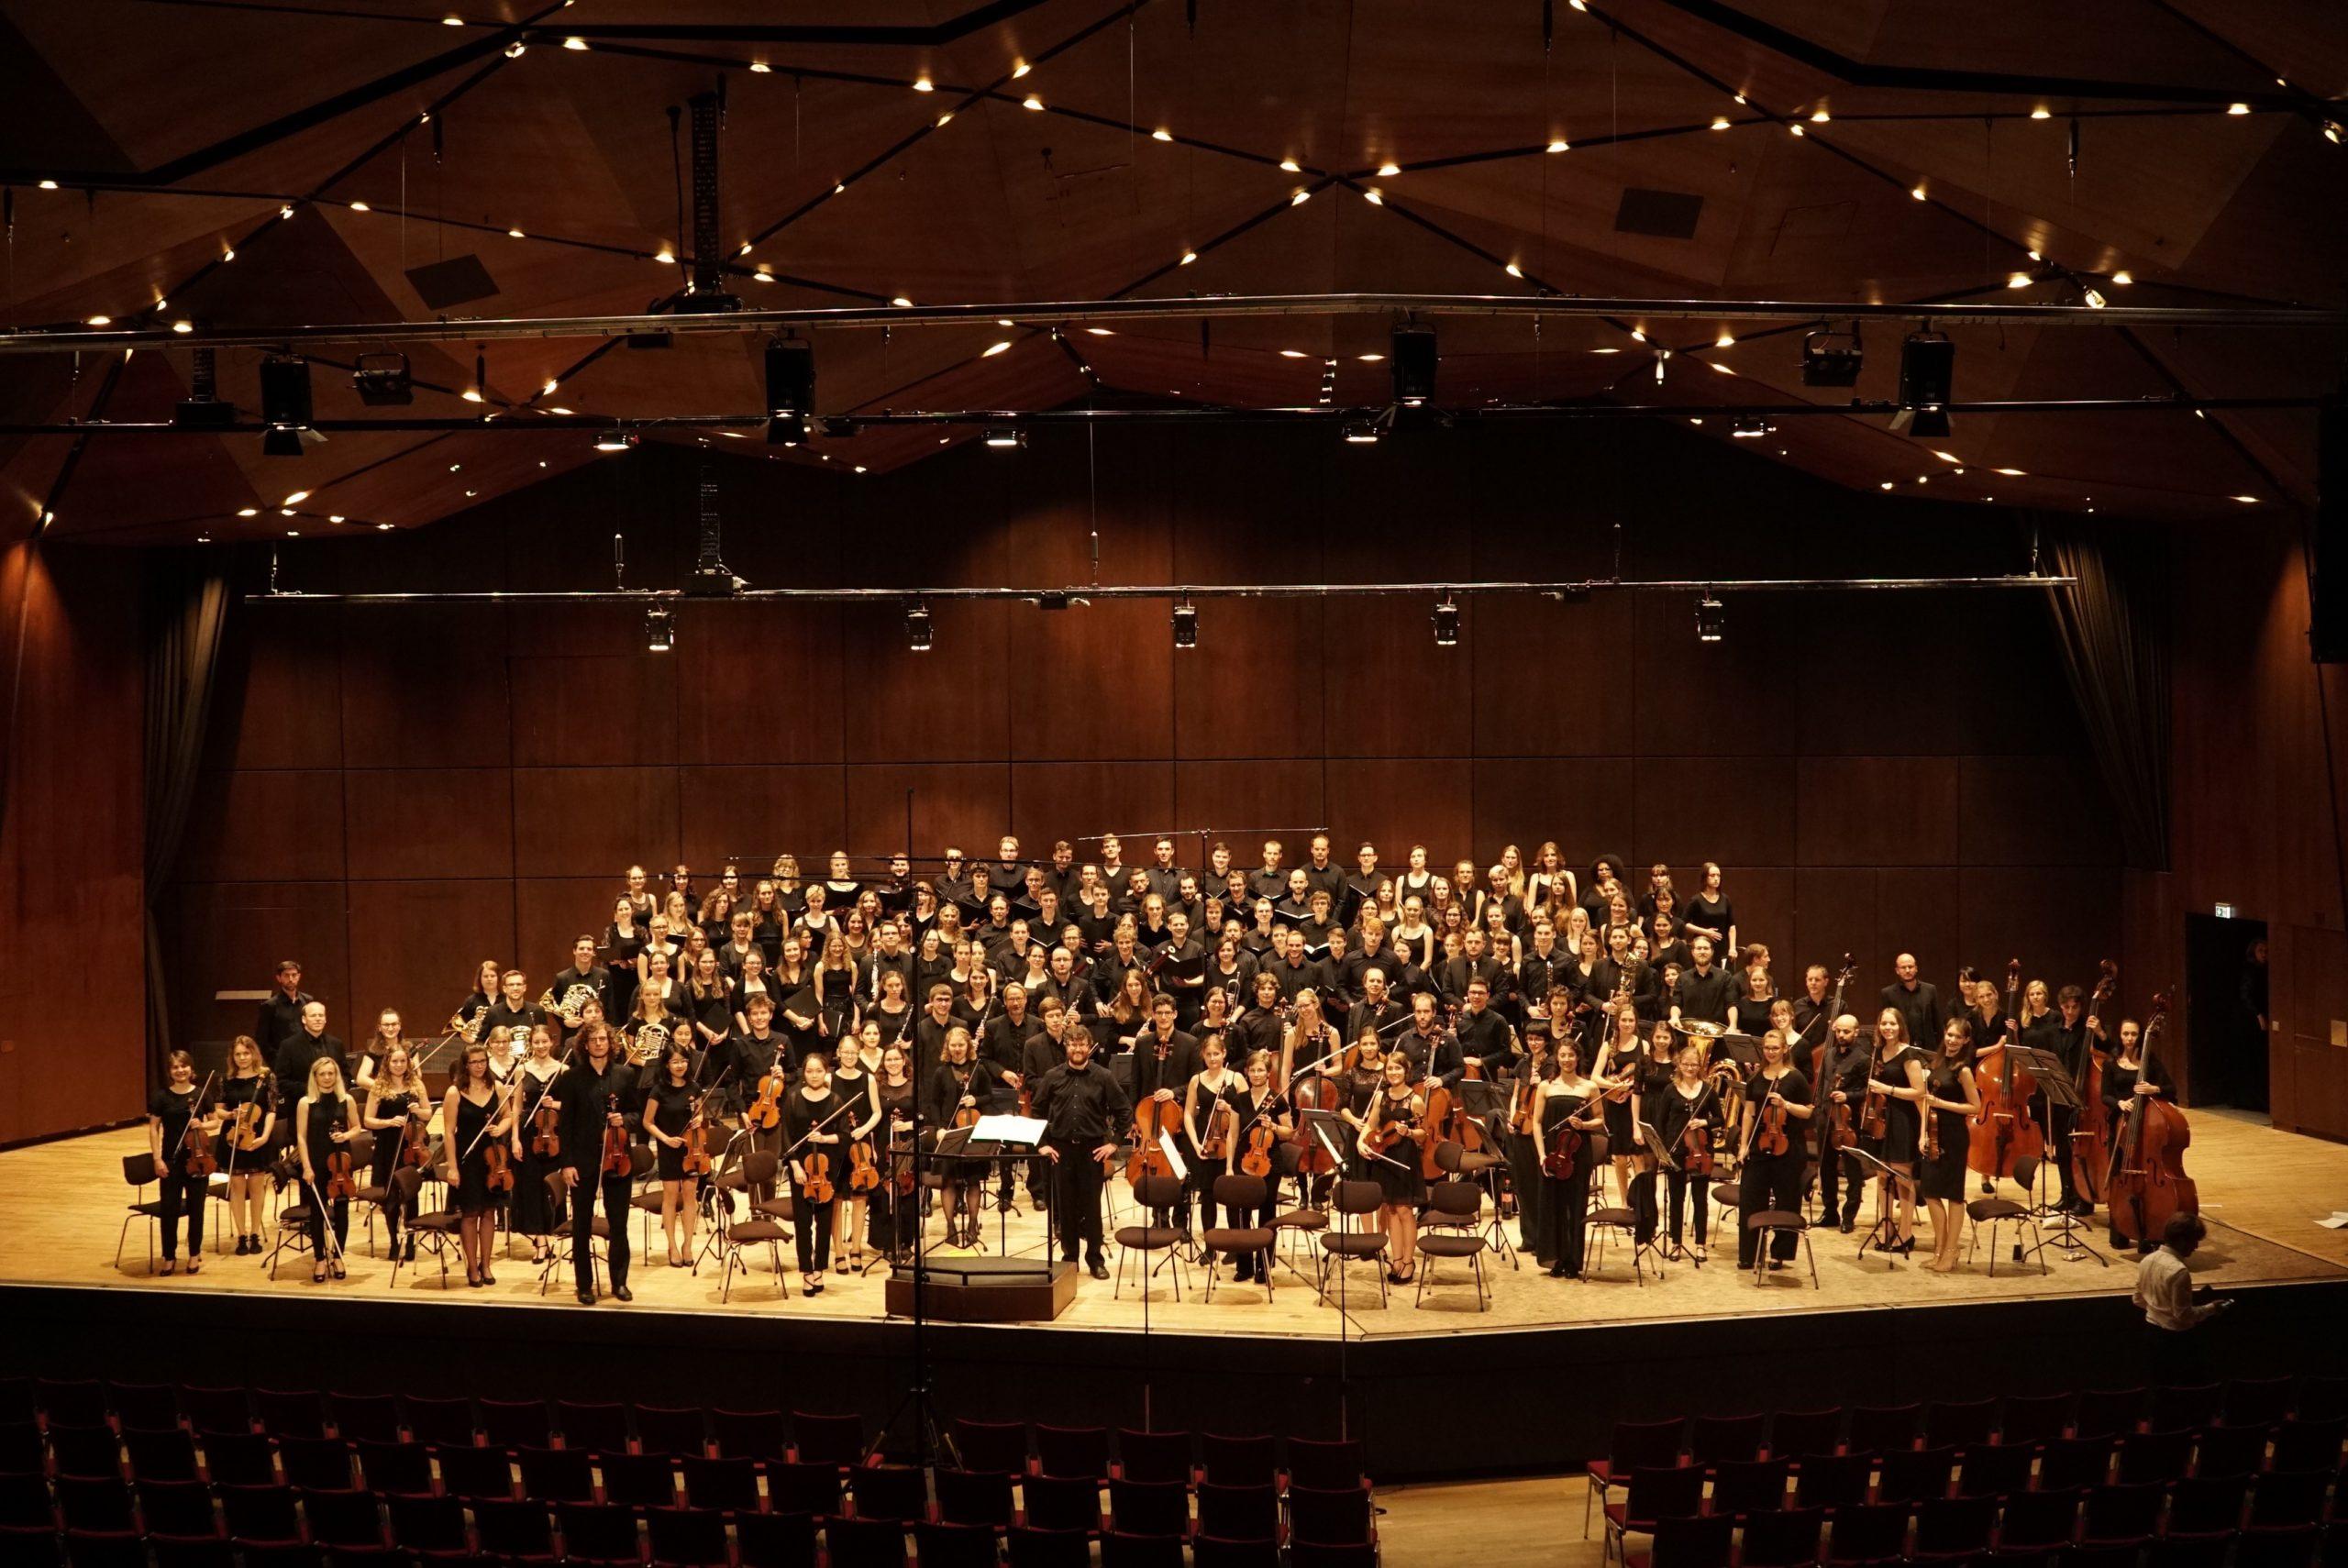 Sommerkonzert 2019 - Bild des Universitätsorchester mit Akkademischen Chor und Gesangssolisten